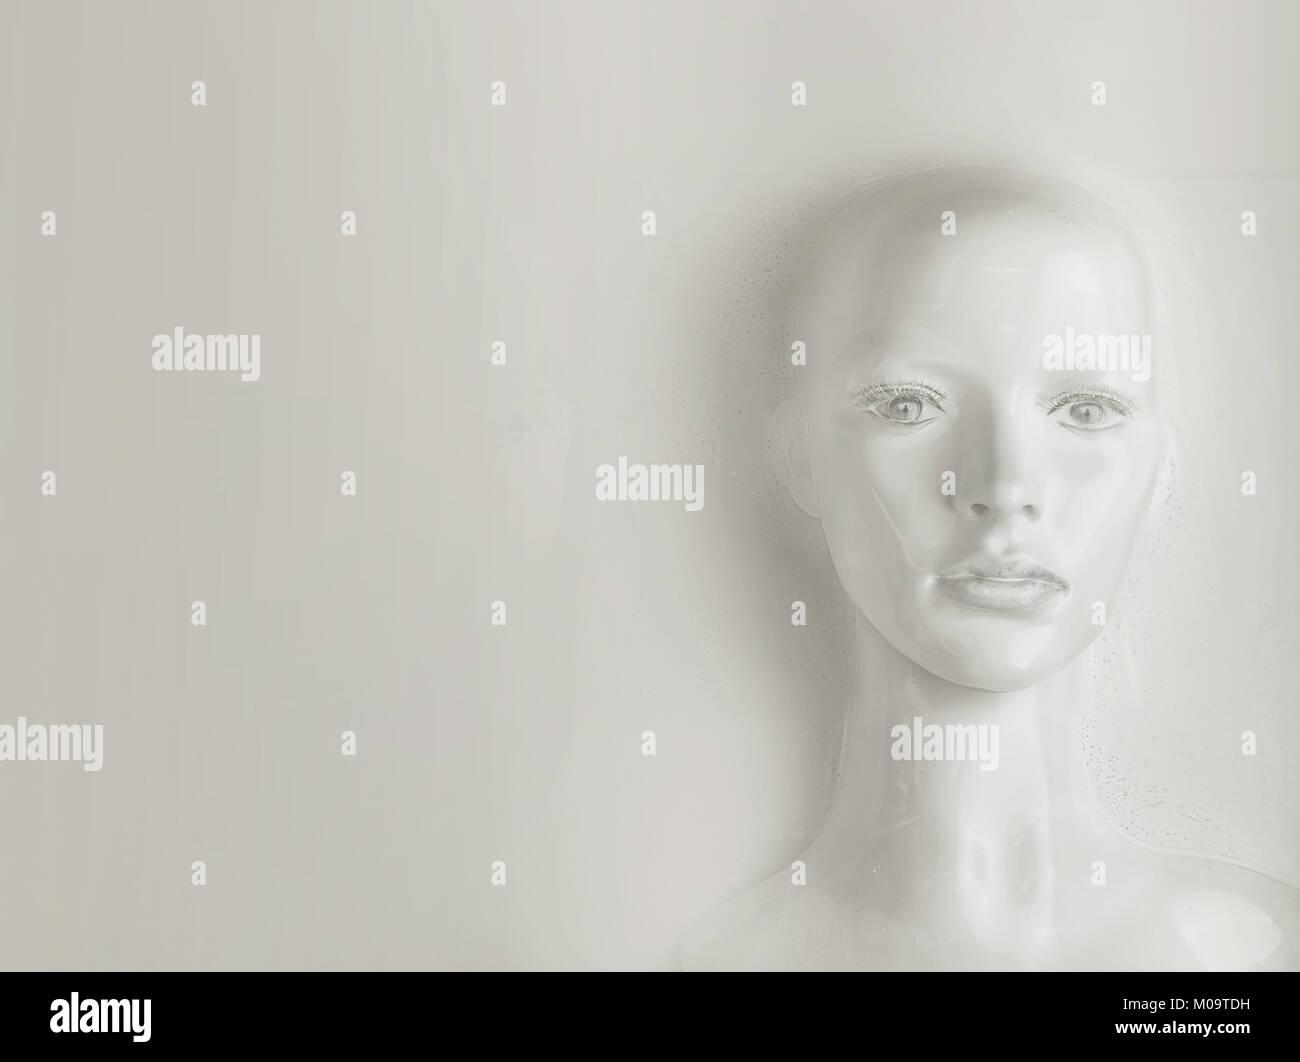 Concepto de inteligencia artificial y el ser humano Imagen De Stock